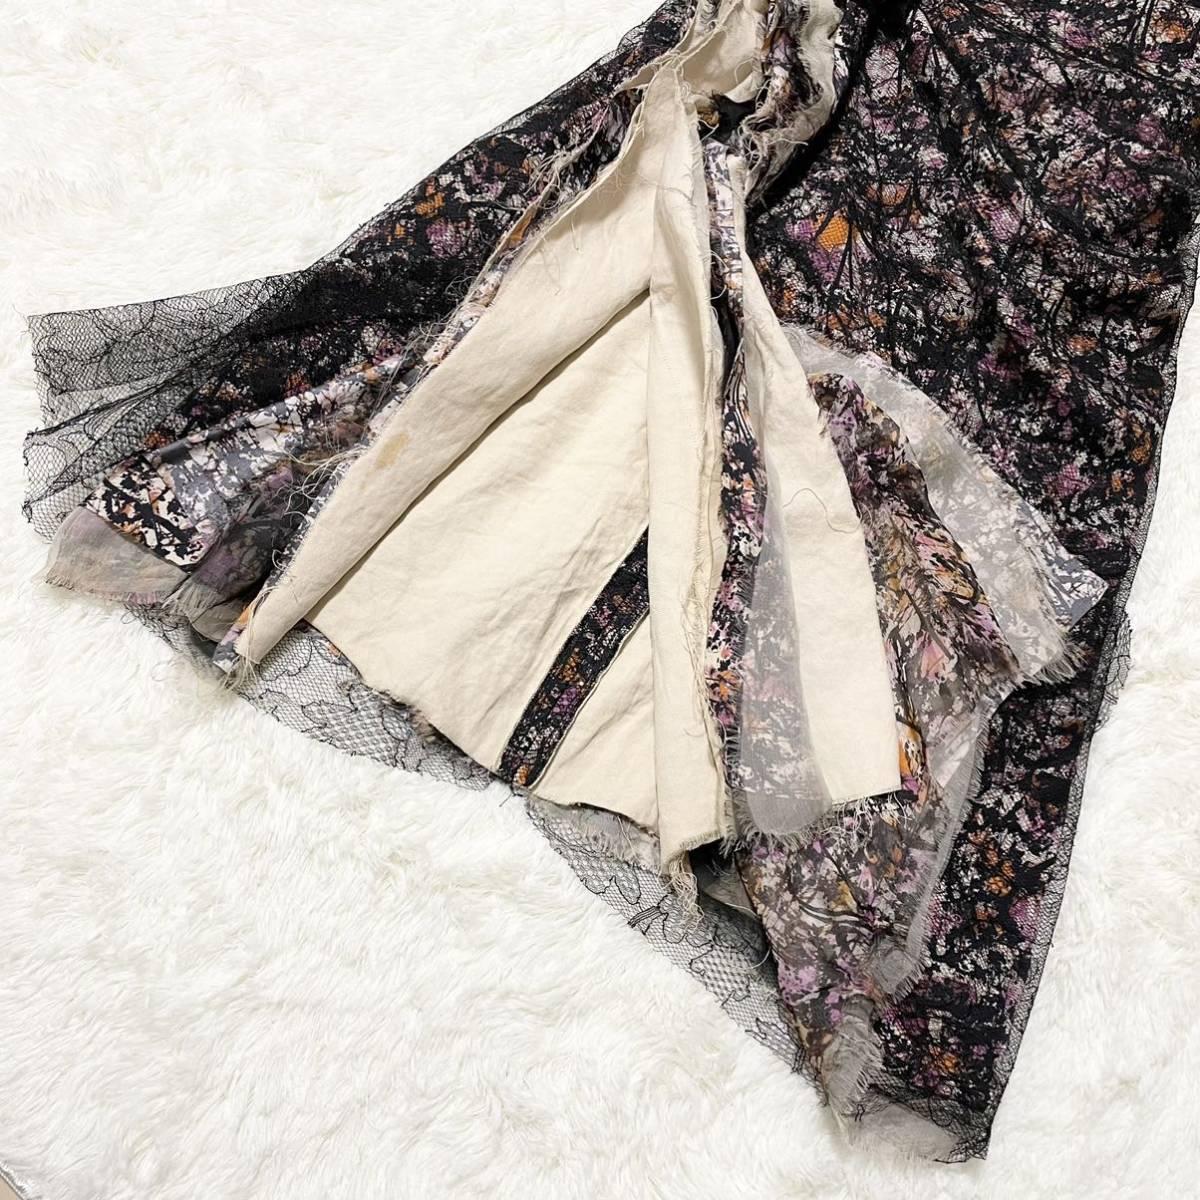 本物 コレクションモデル ボッテガヴェネタ シルク混 レース ギャザーレイヤード オフショルダー ワンピース ドレス 38 BOTTEGA VENETA_画像5